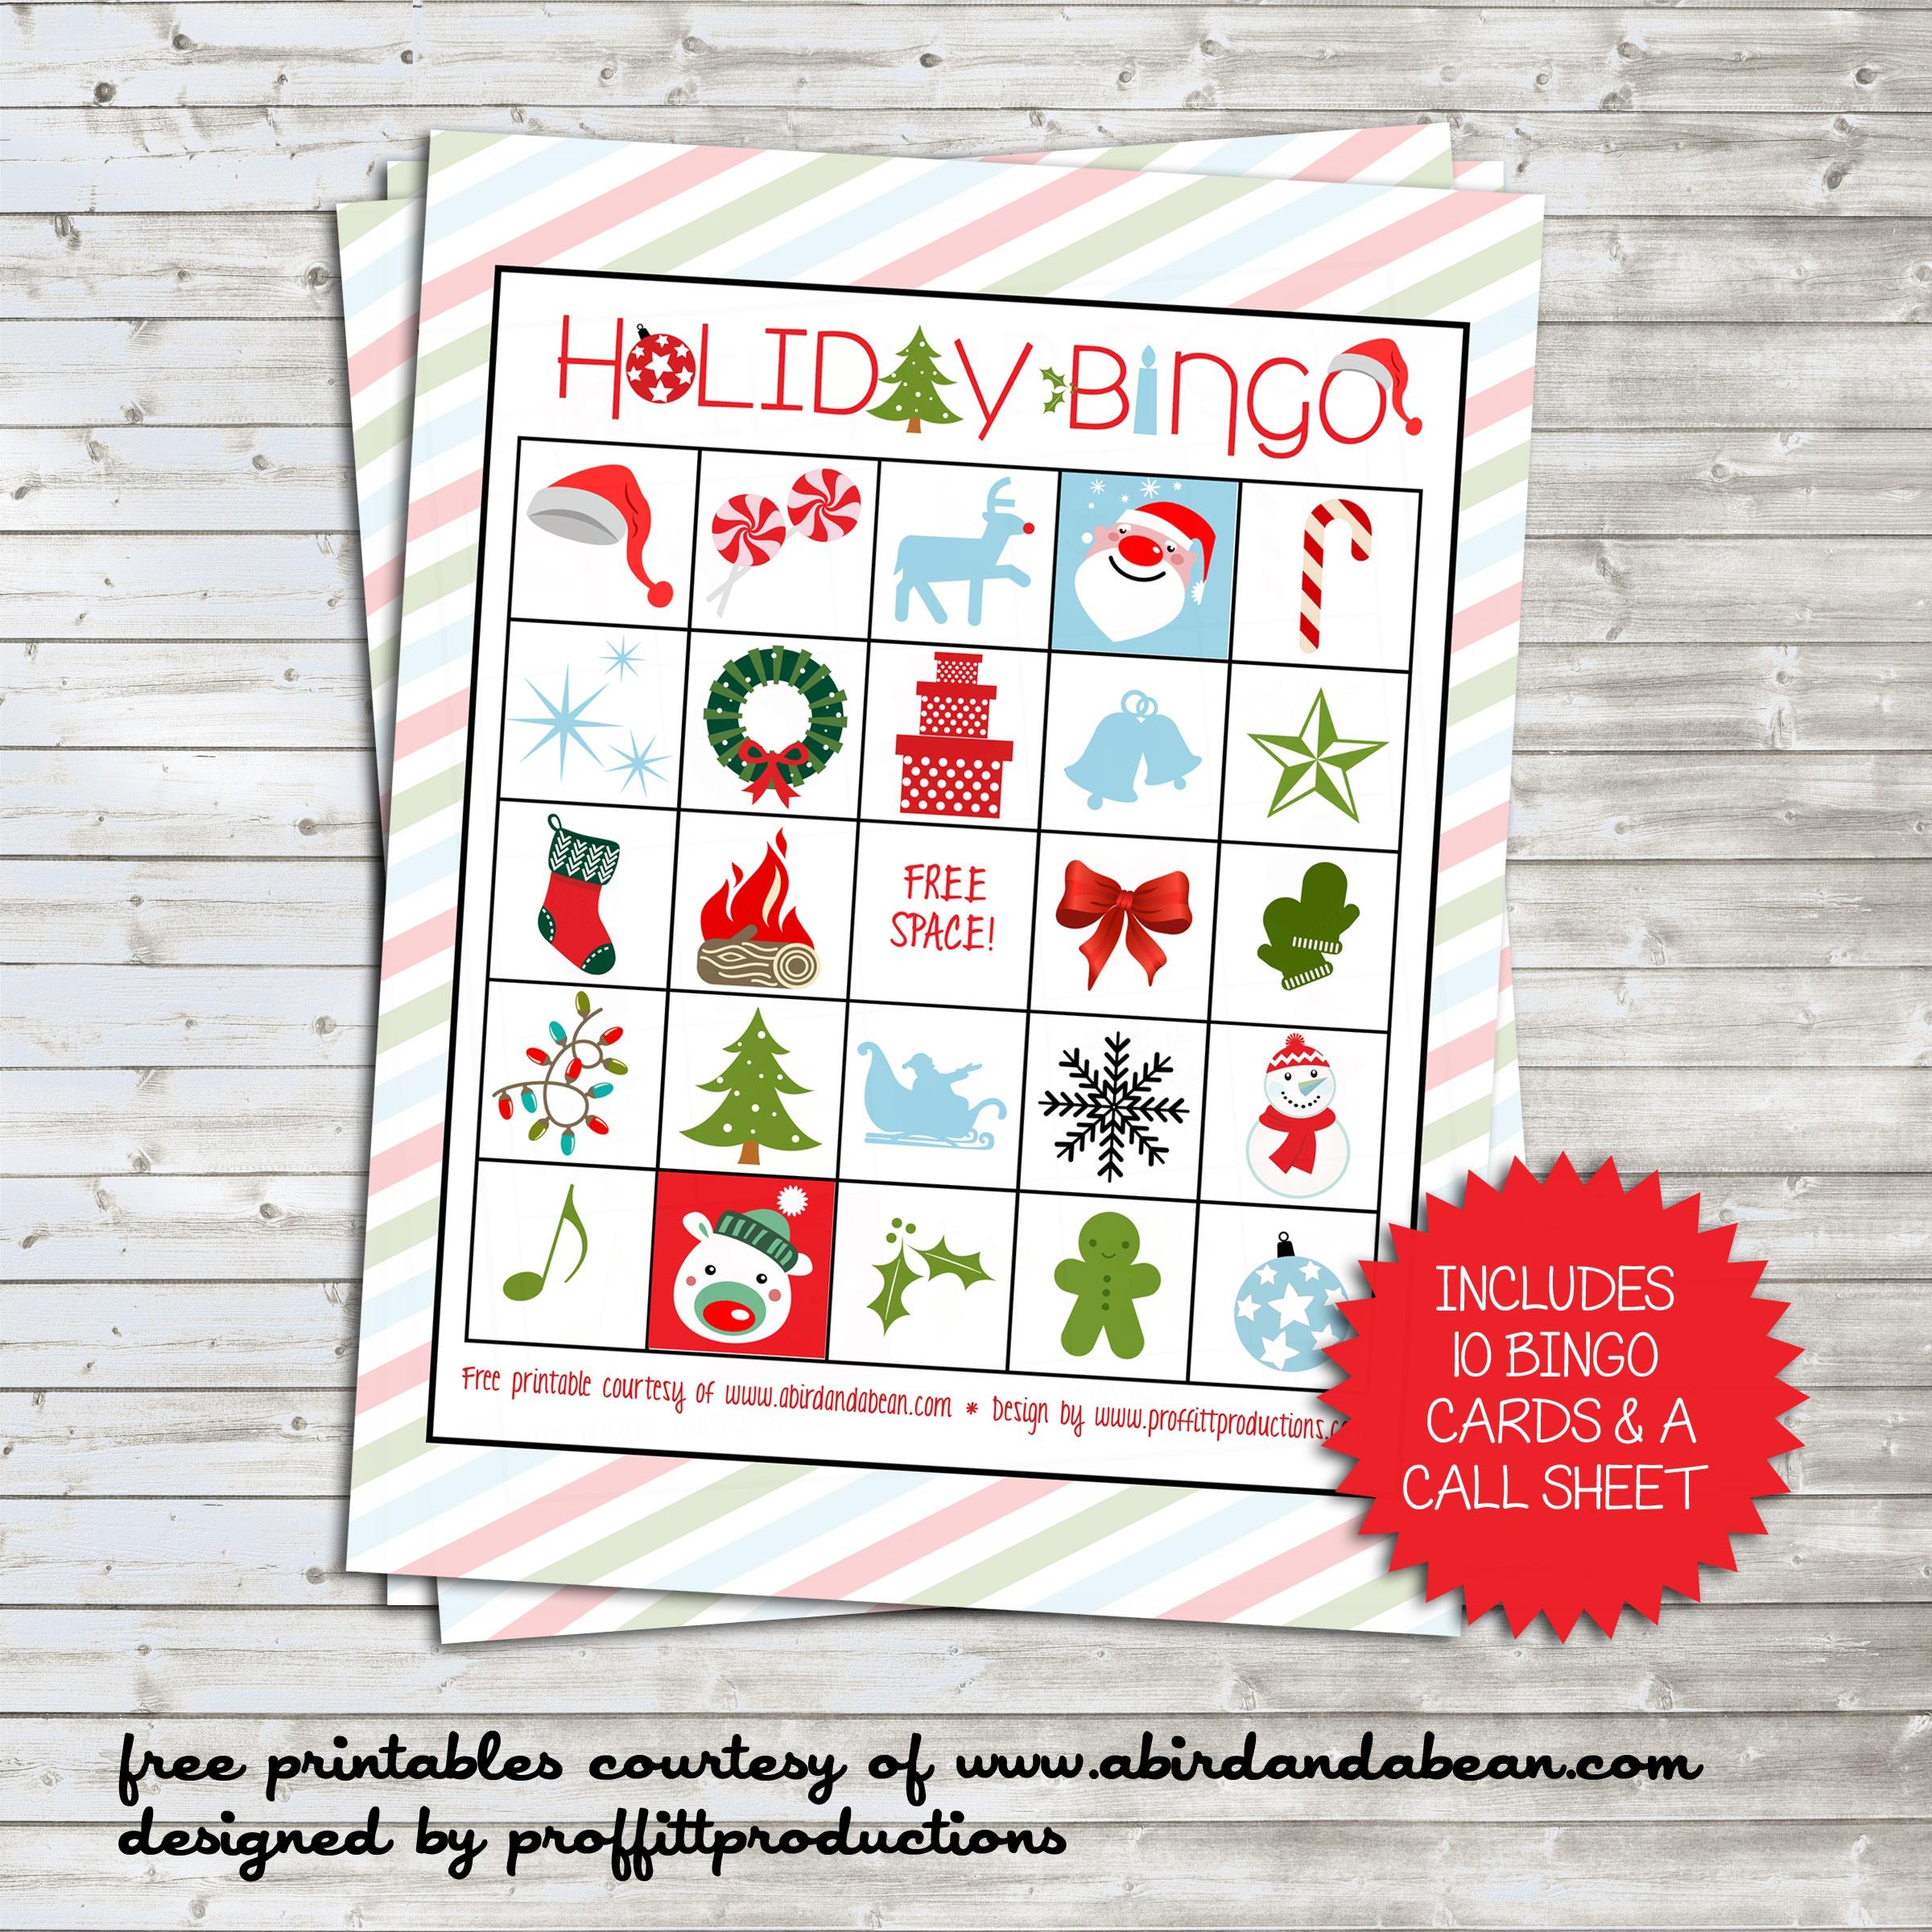 Holiday Bingo Set :: Free Printable - Free Printable Bingo Cards And Call Sheet